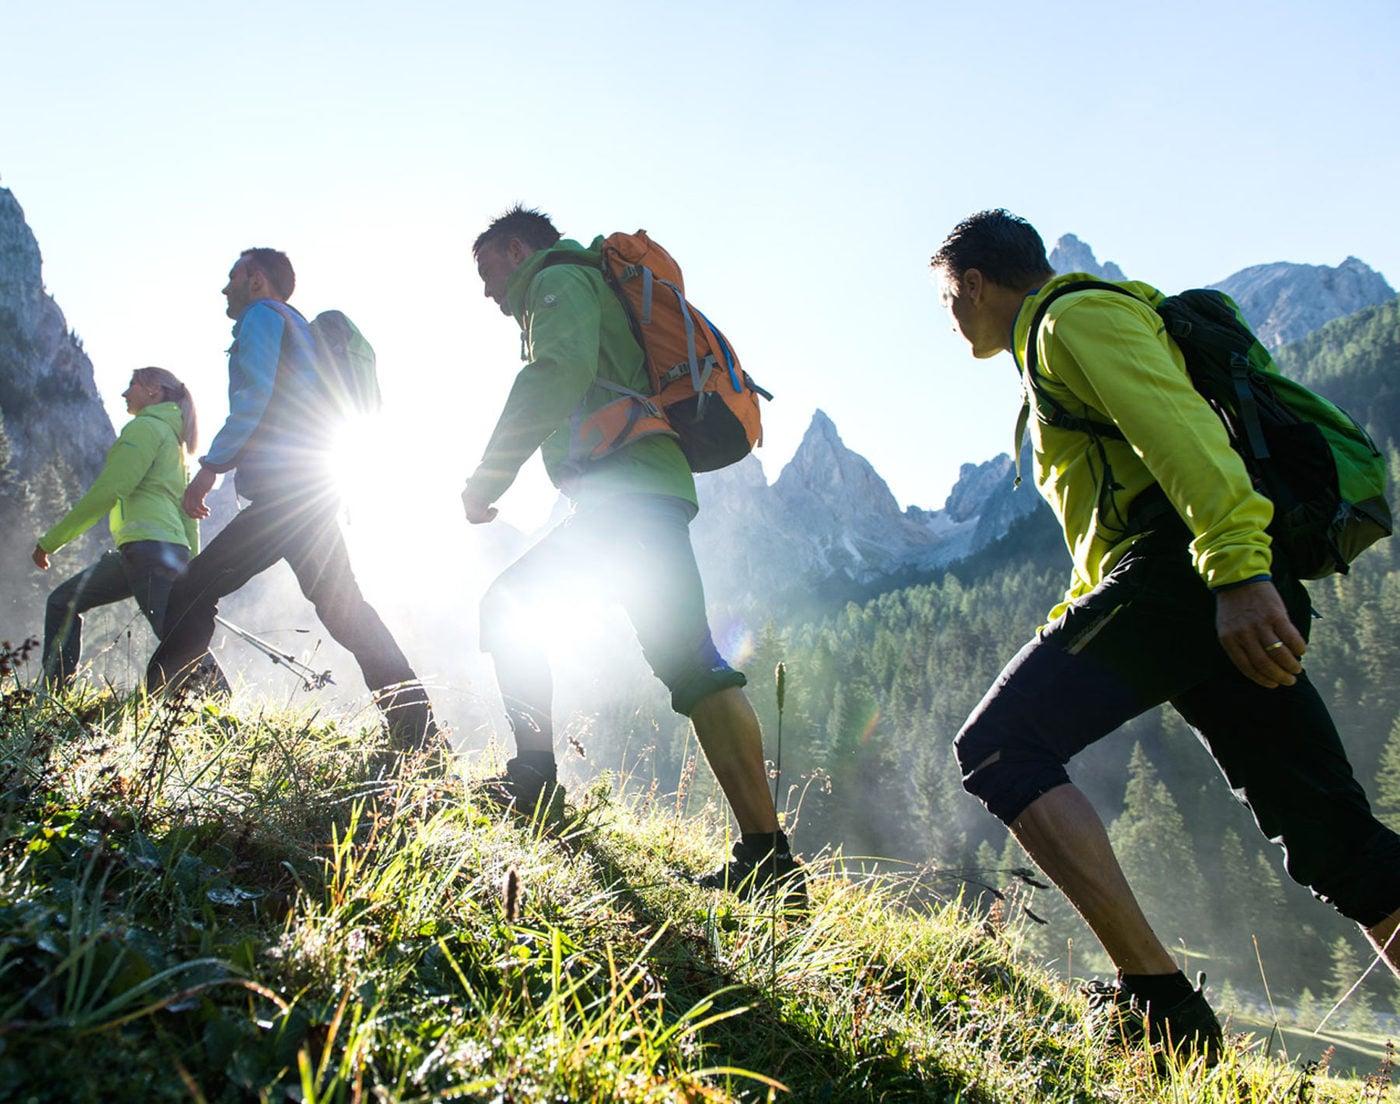 Camminare nella natura - Benessere per corpo e anima